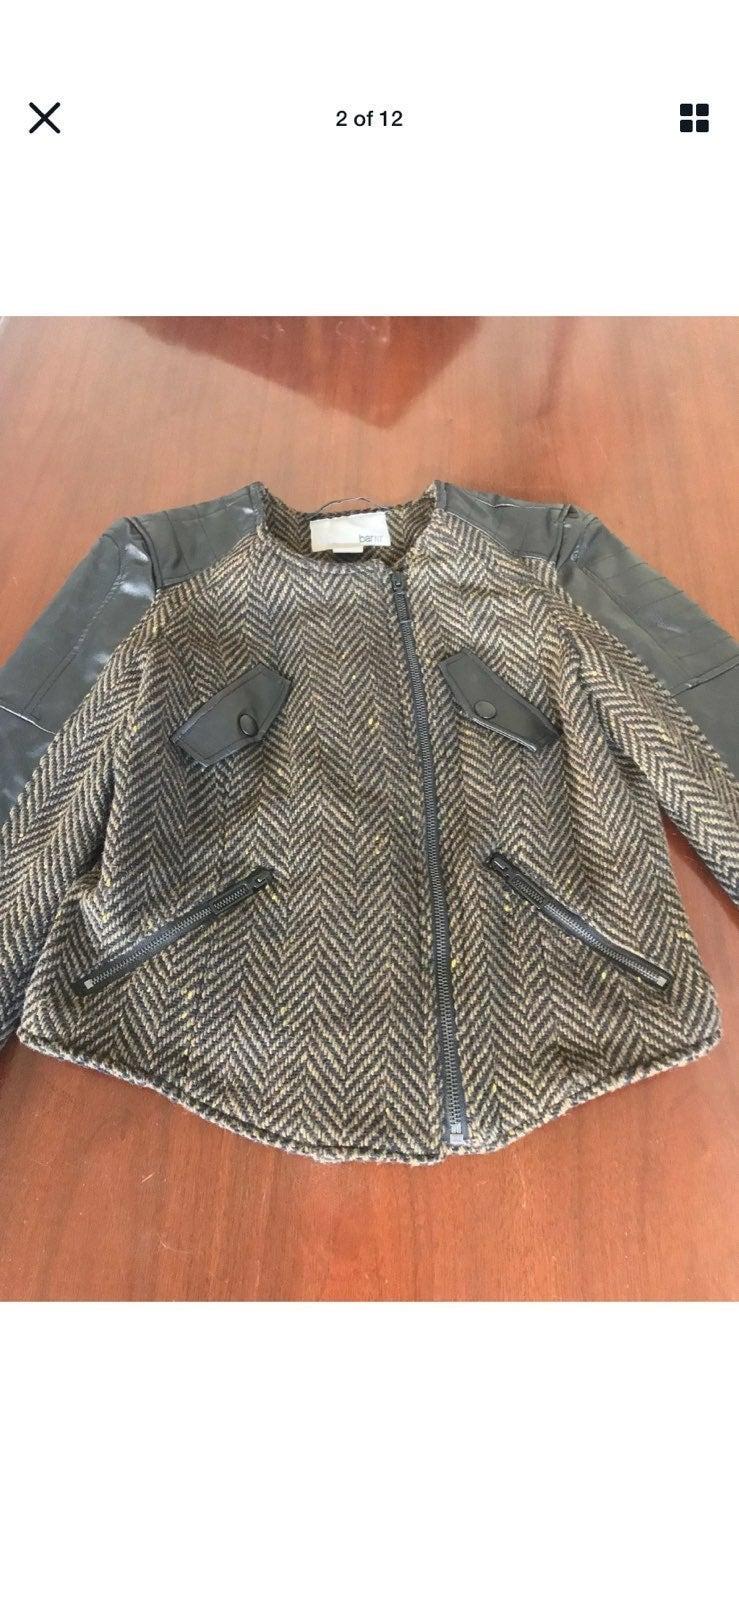 NEW BAR III faux leather tweed jacket/S